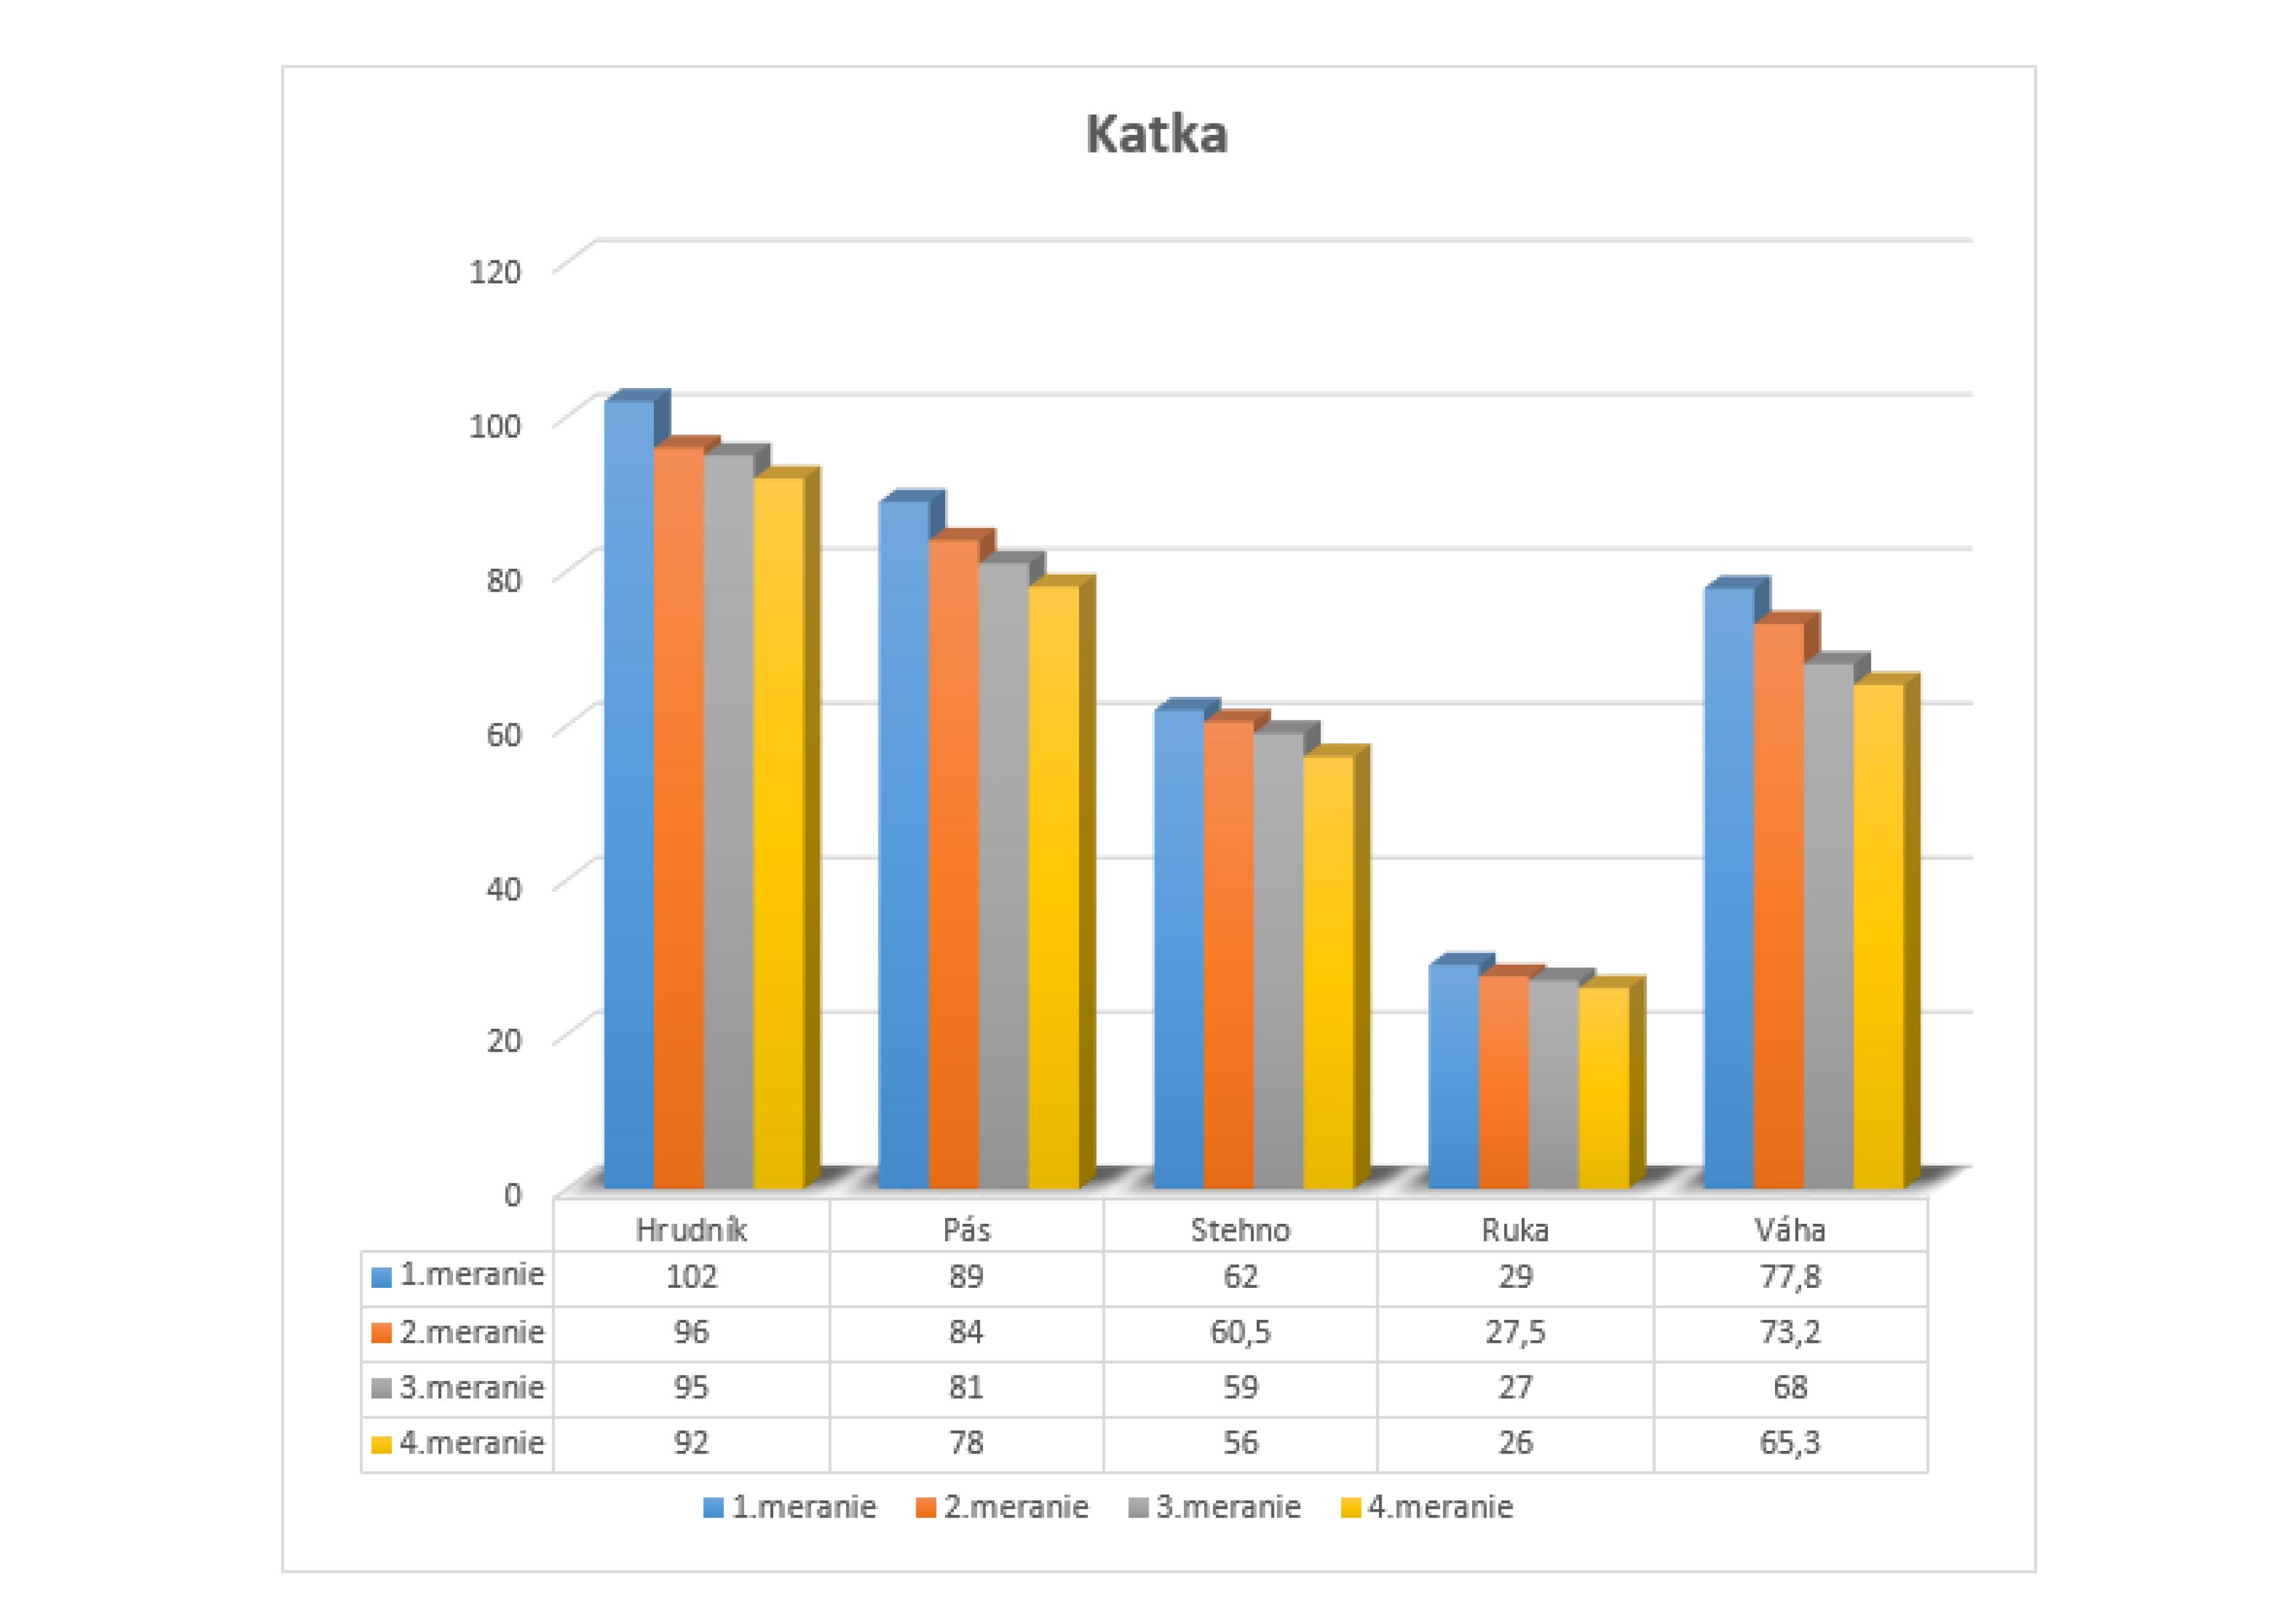 Graf Katka